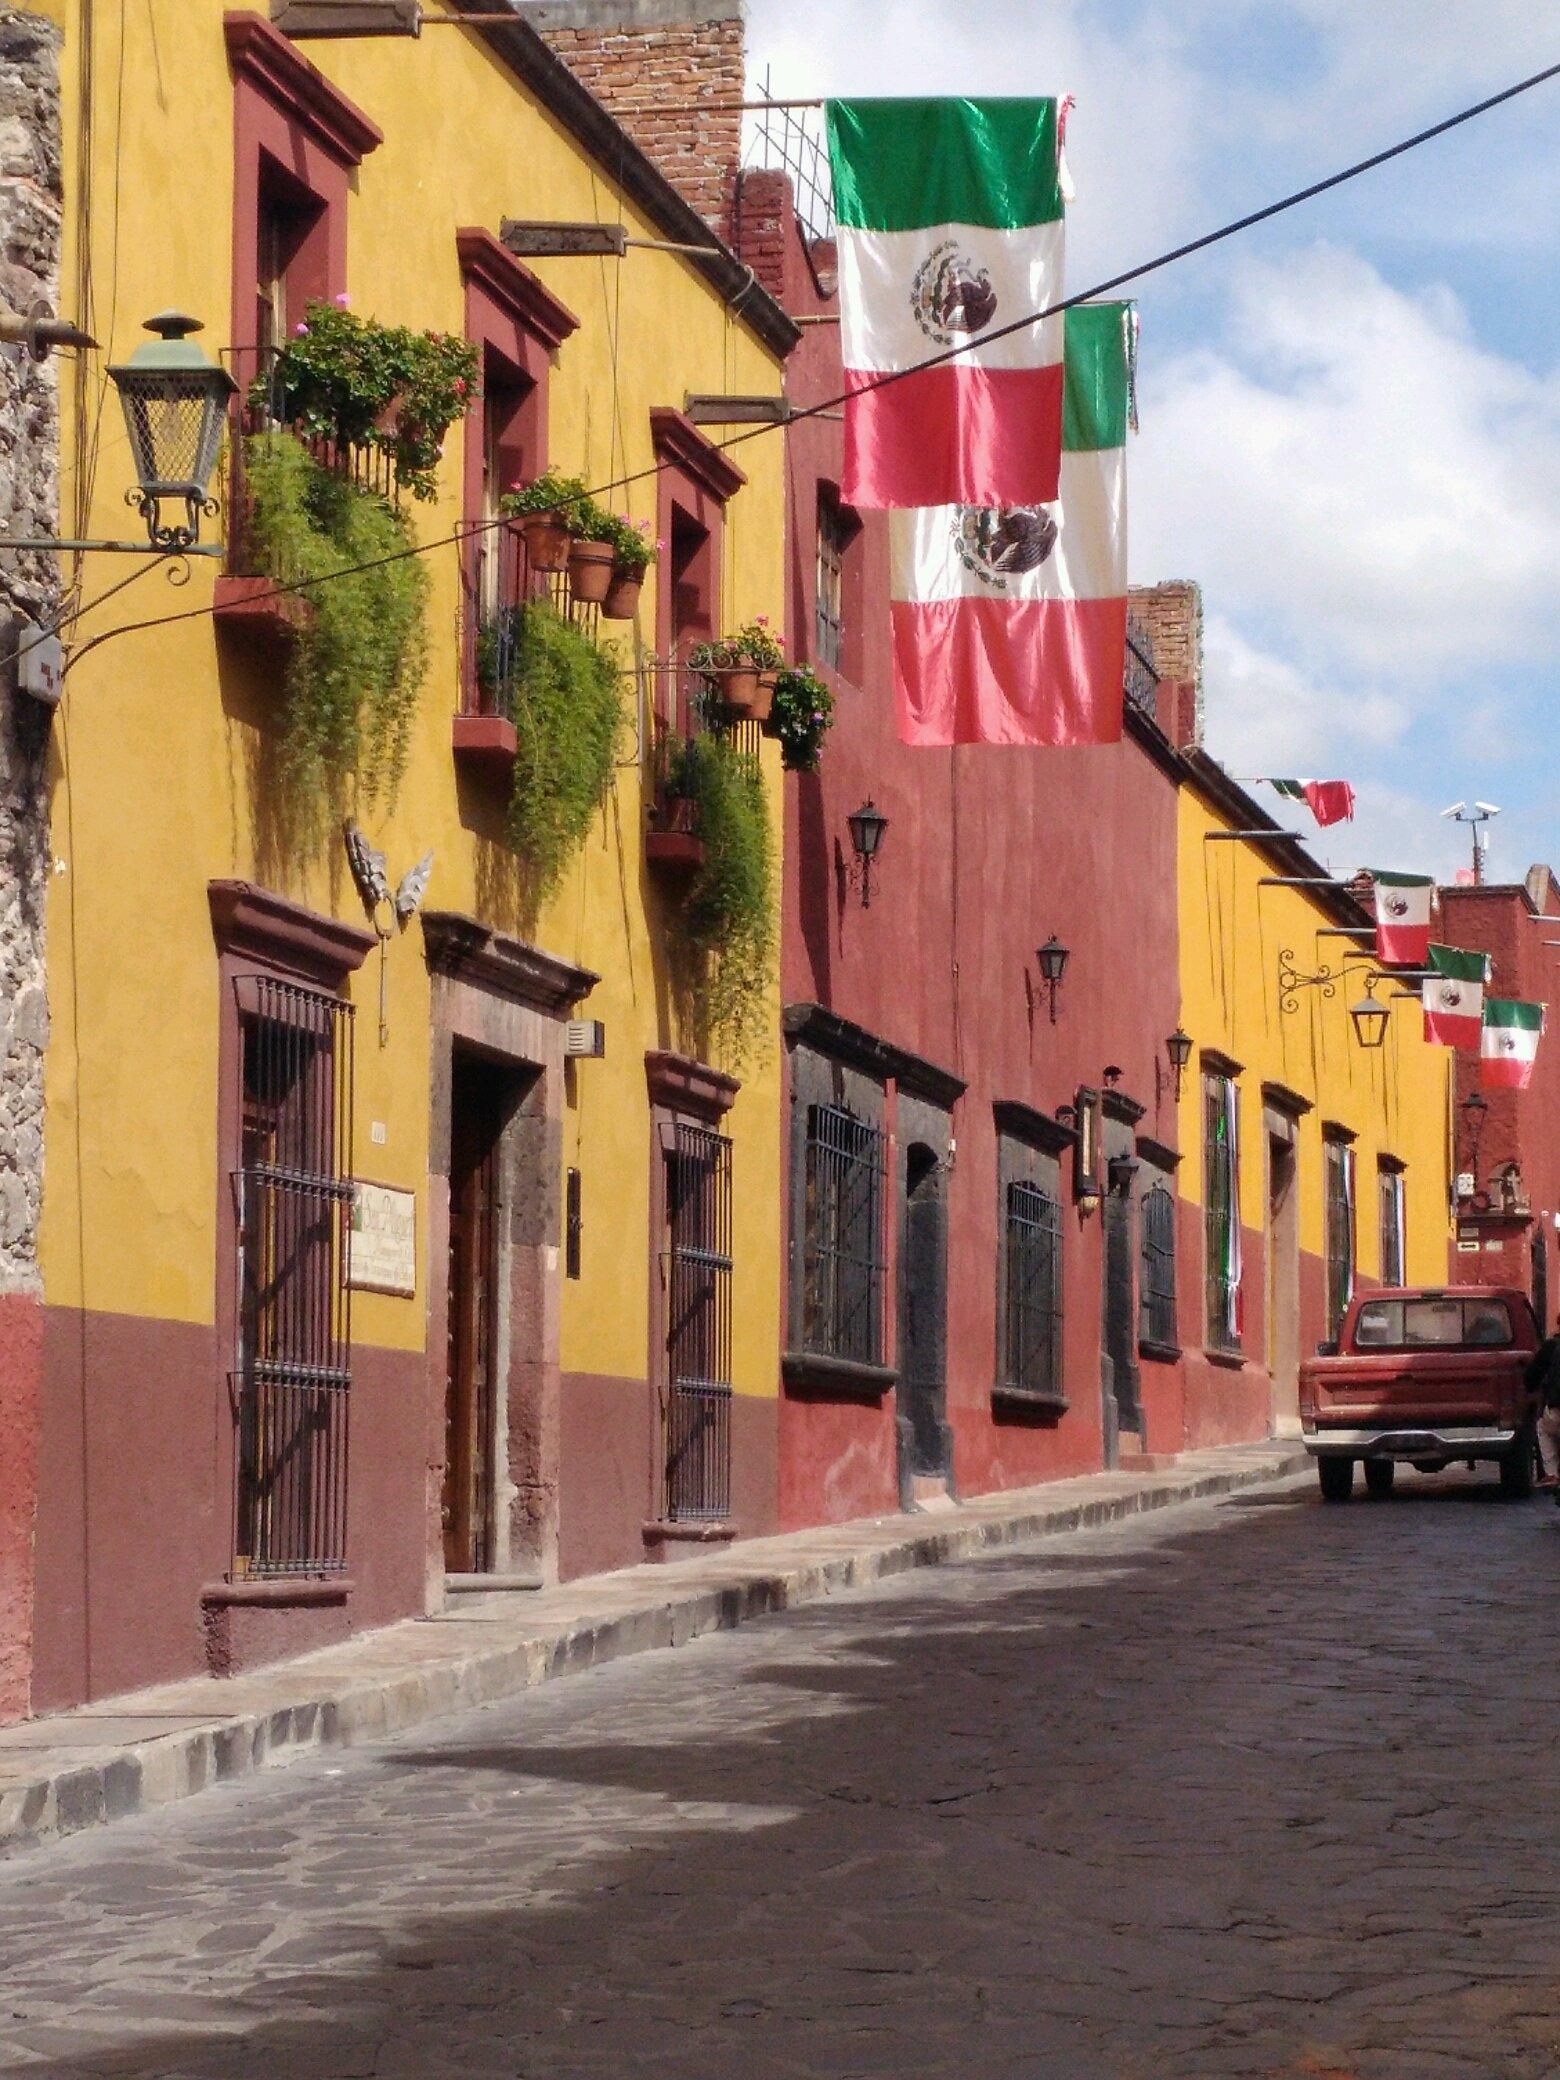 美墨古加四国游之二:墨西哥城6日游